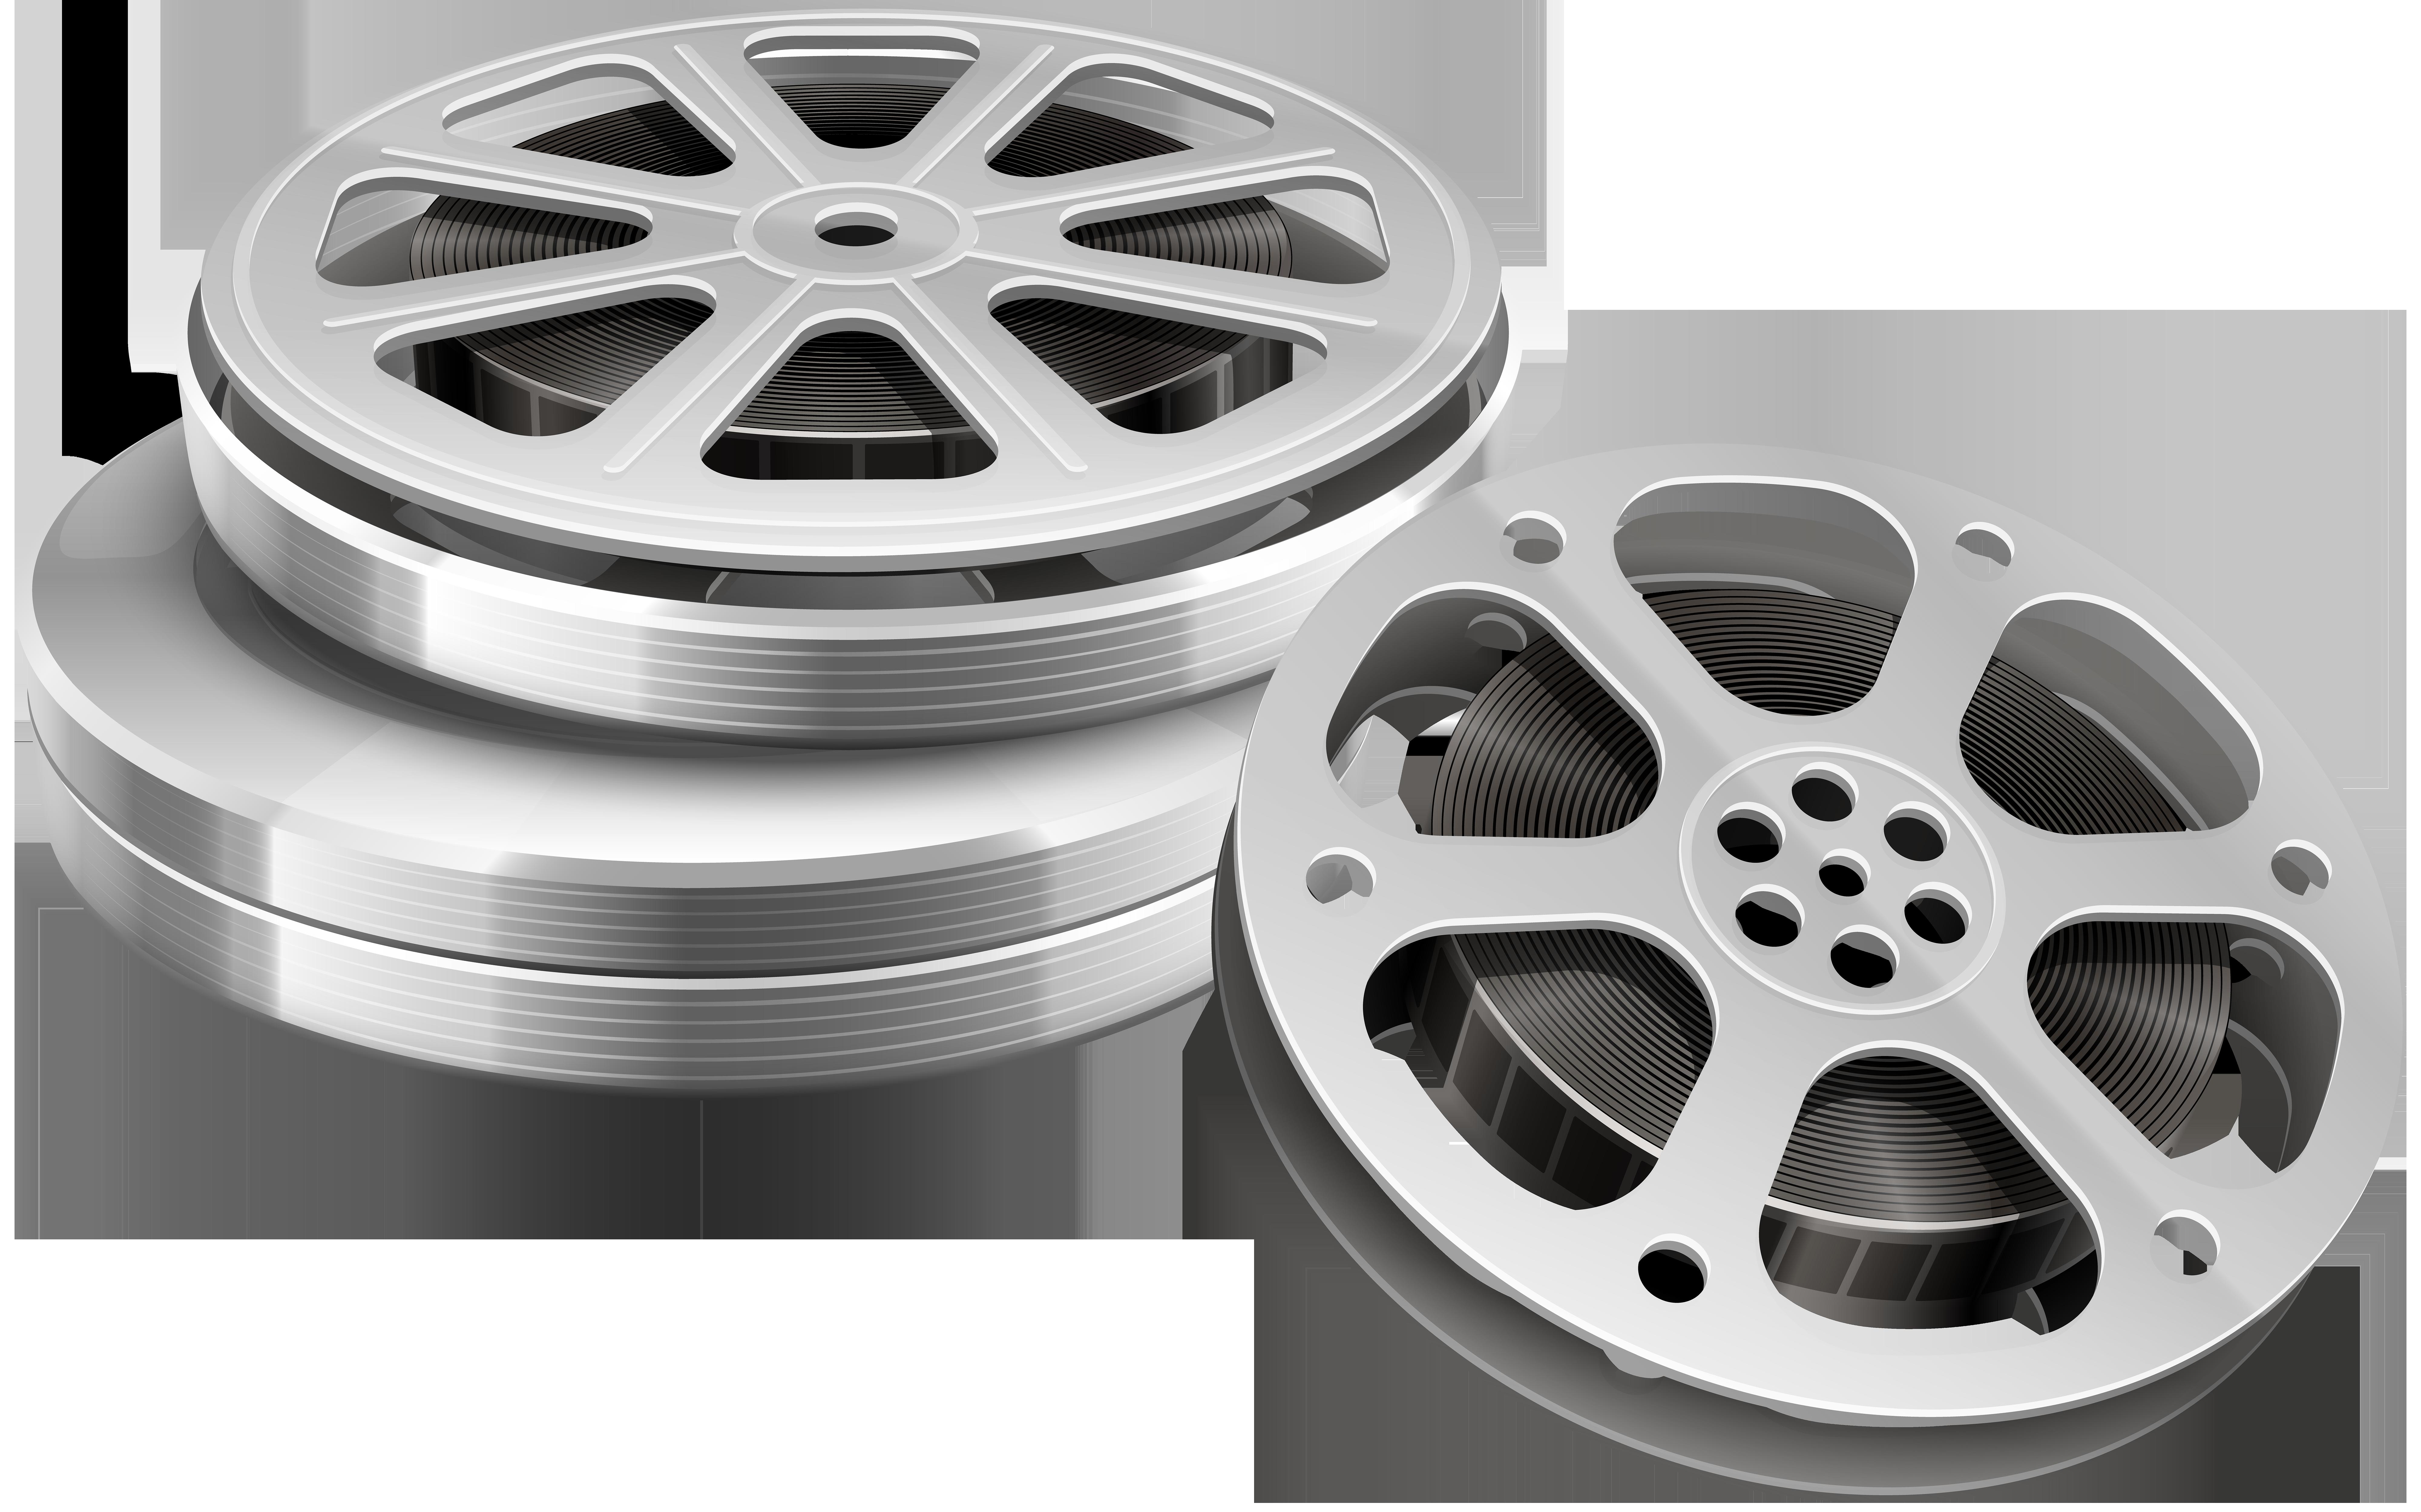 Film clipart wheel. Rolls png clip art